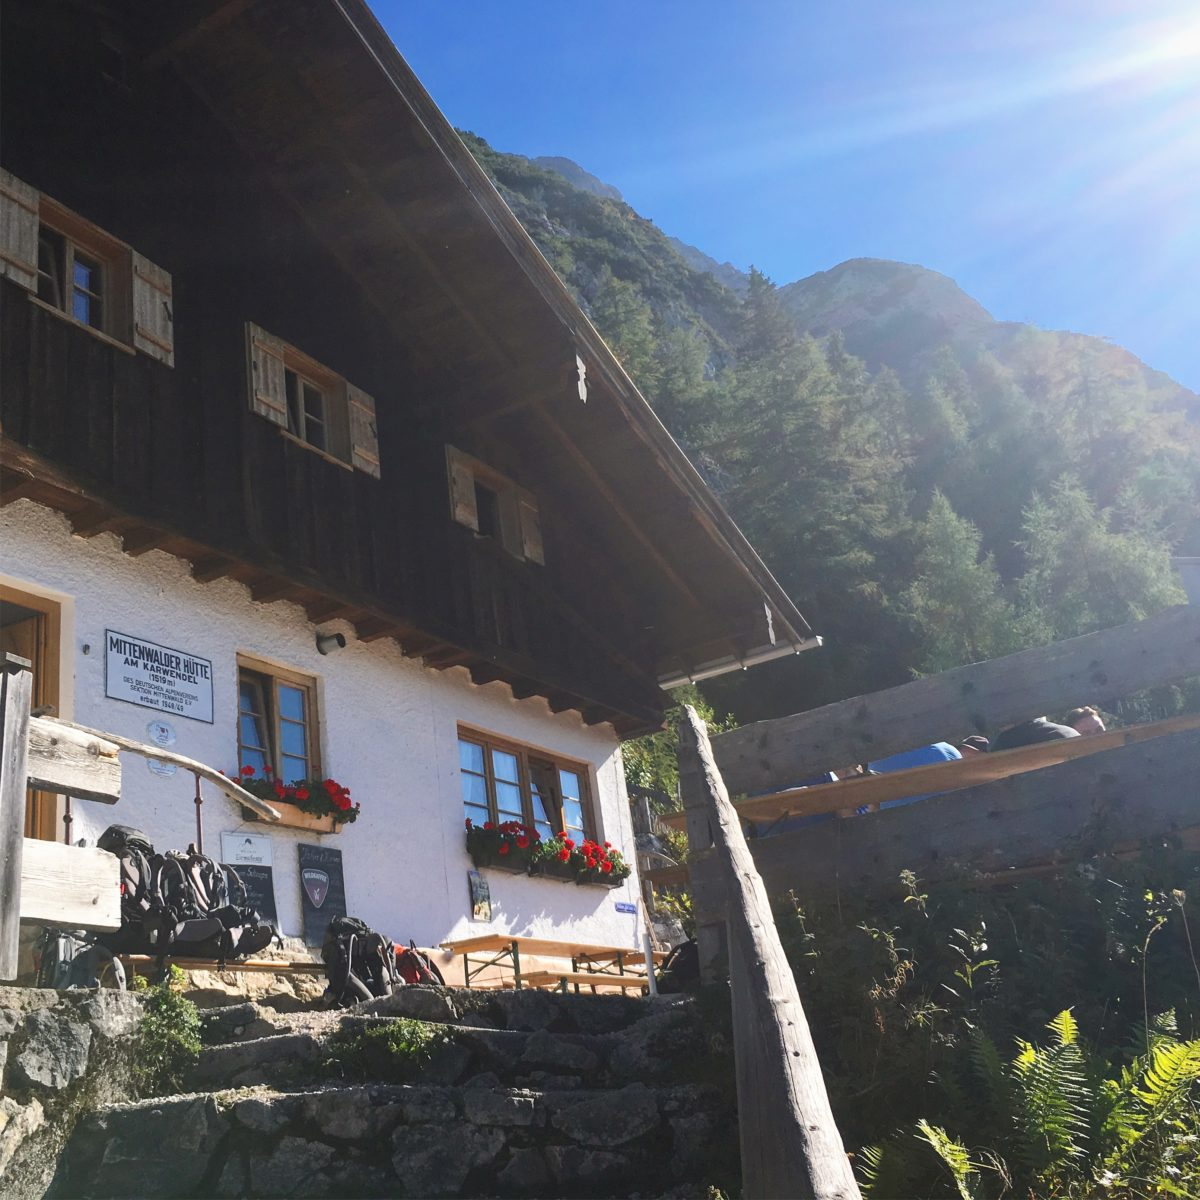 Die Mittenwalder Hütte